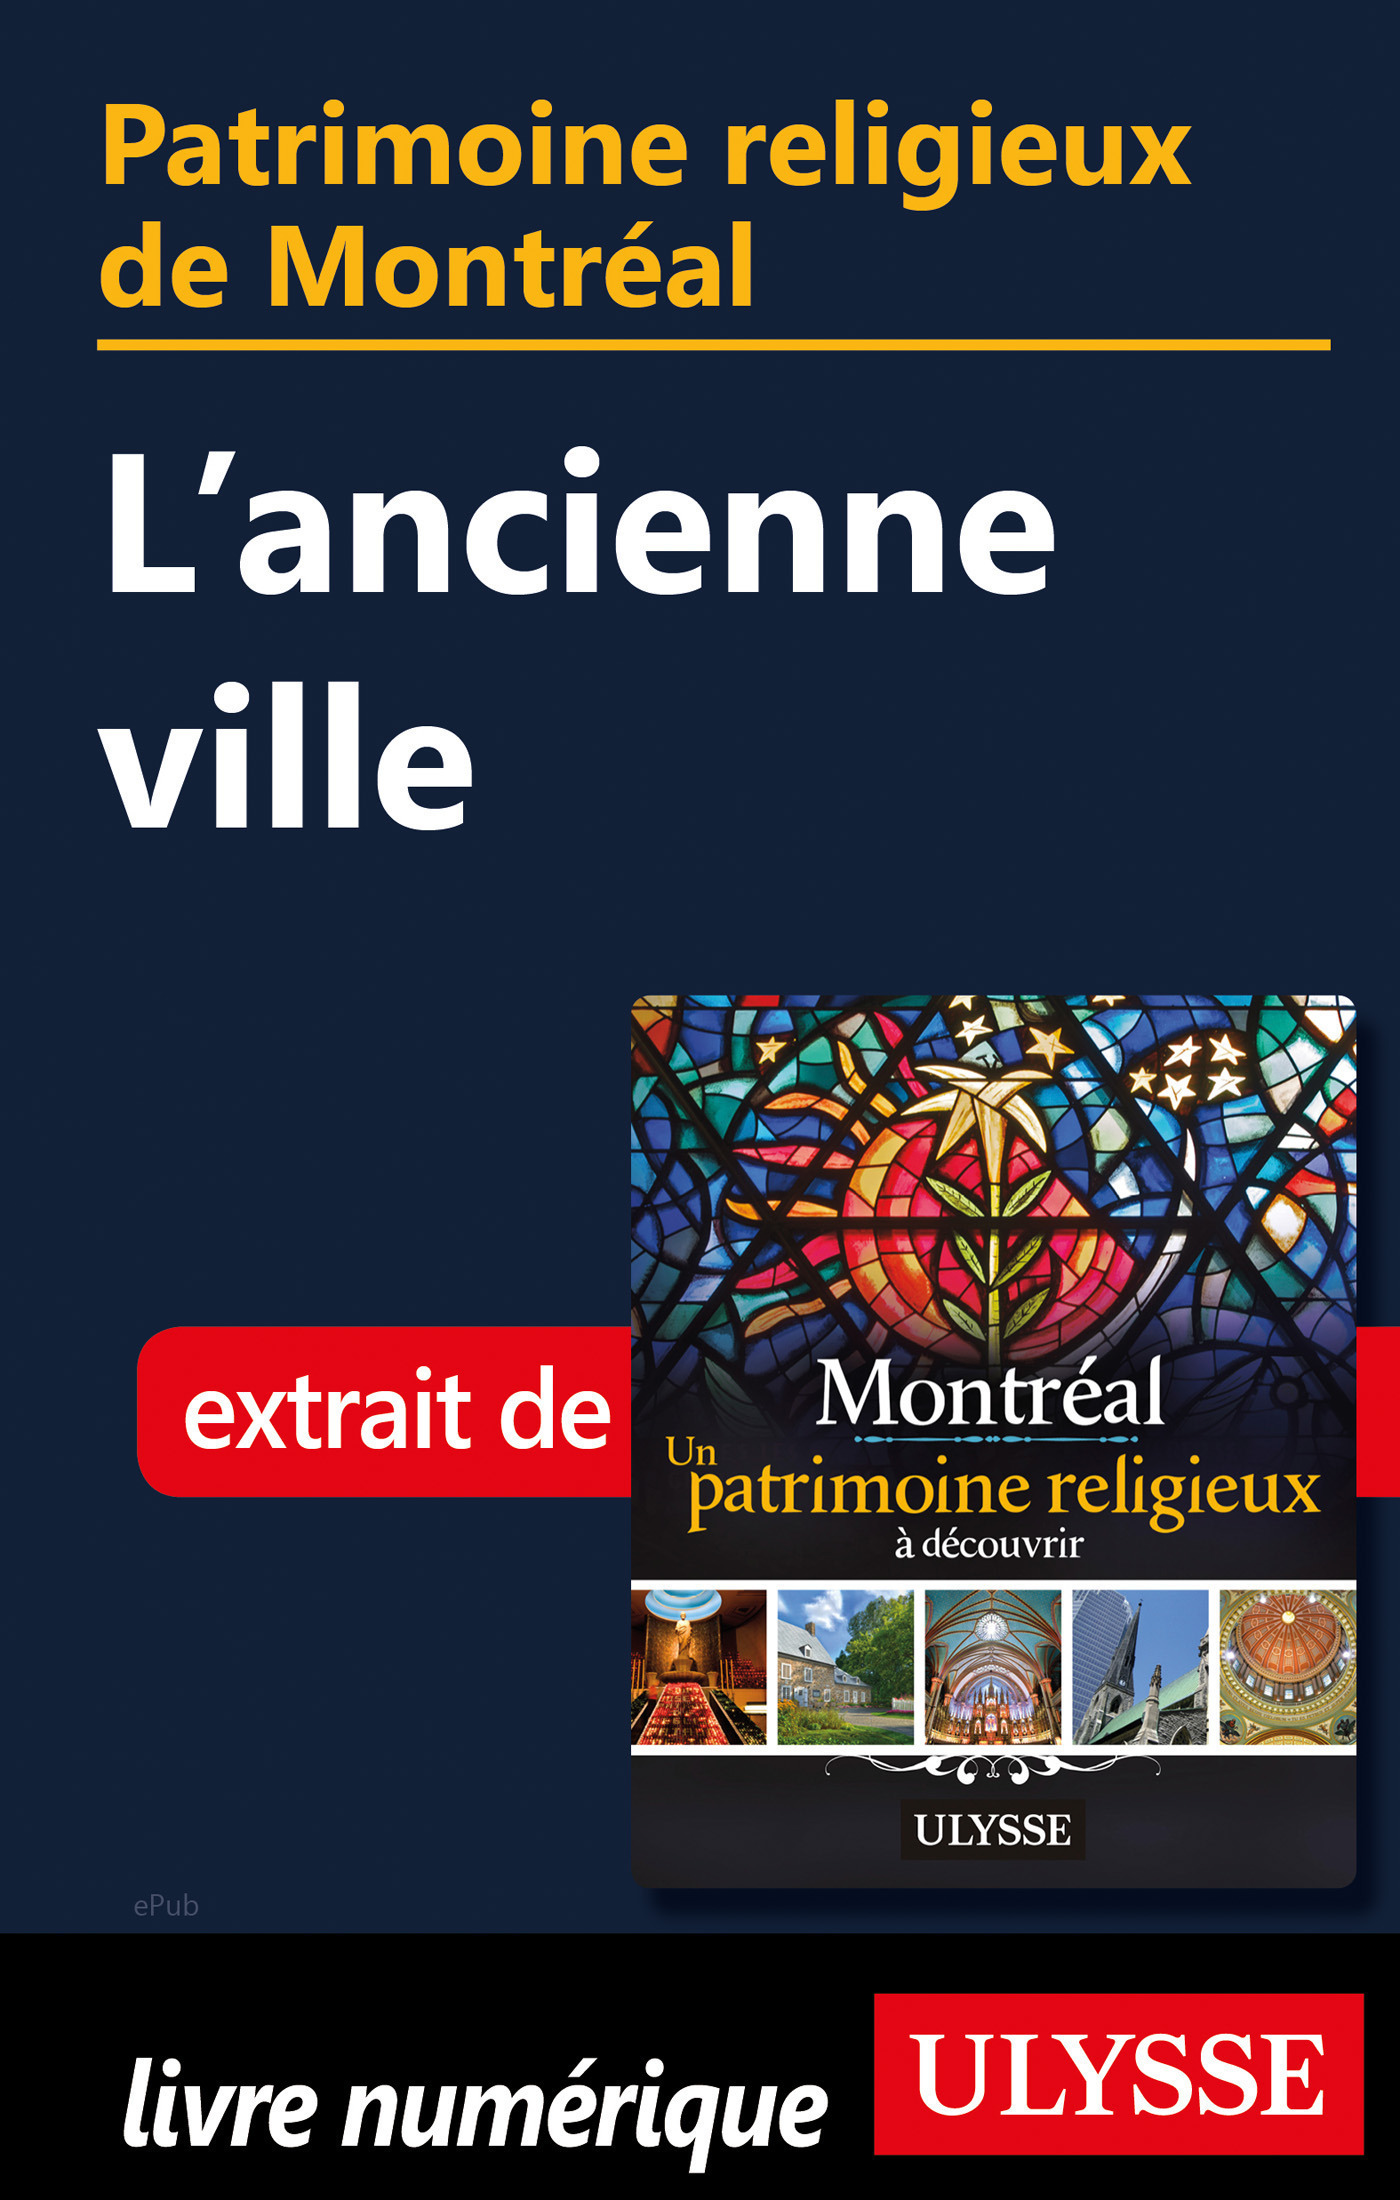 Patrimoine religieux de Montréal - L'ancienne ville